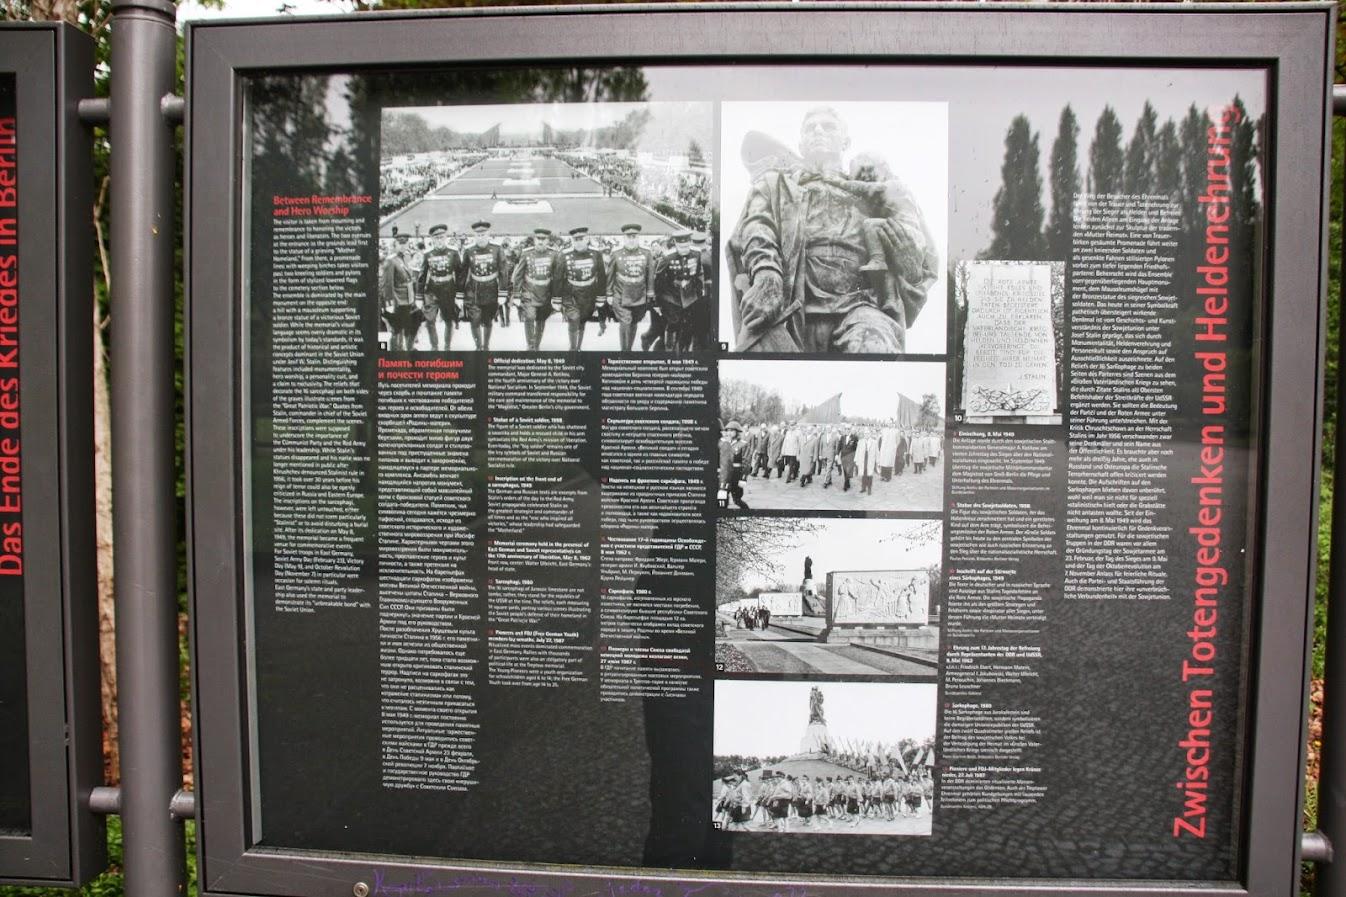 Пропагандистские табло на входе в Трептов-парк, фальсифицирующие историю